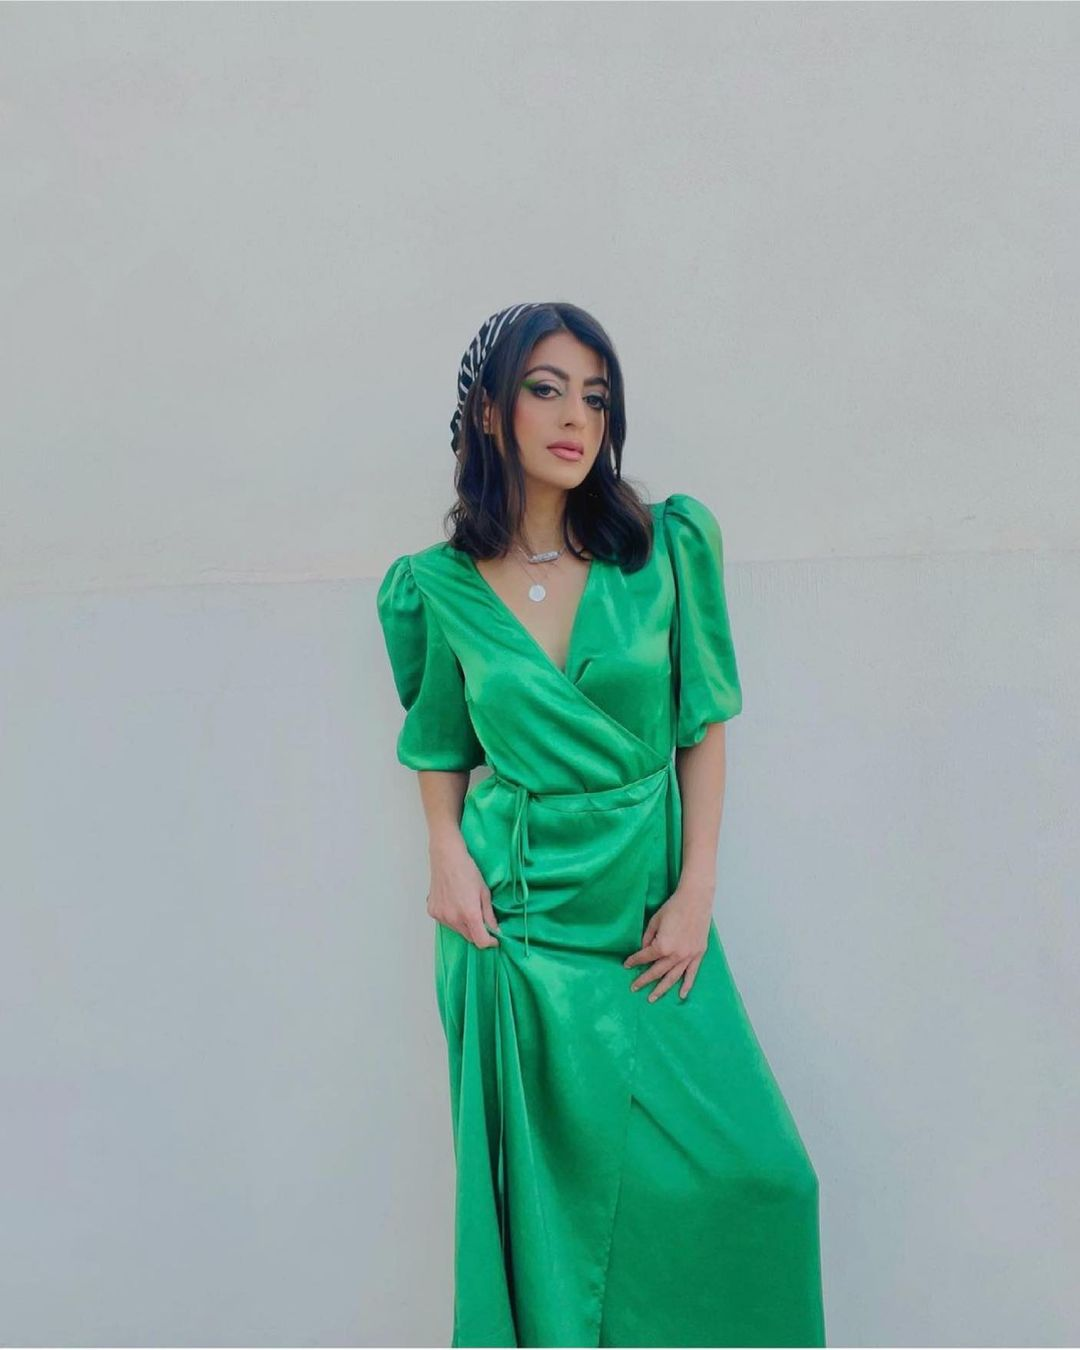 dress matilda-a de Mango sur mango.outfits